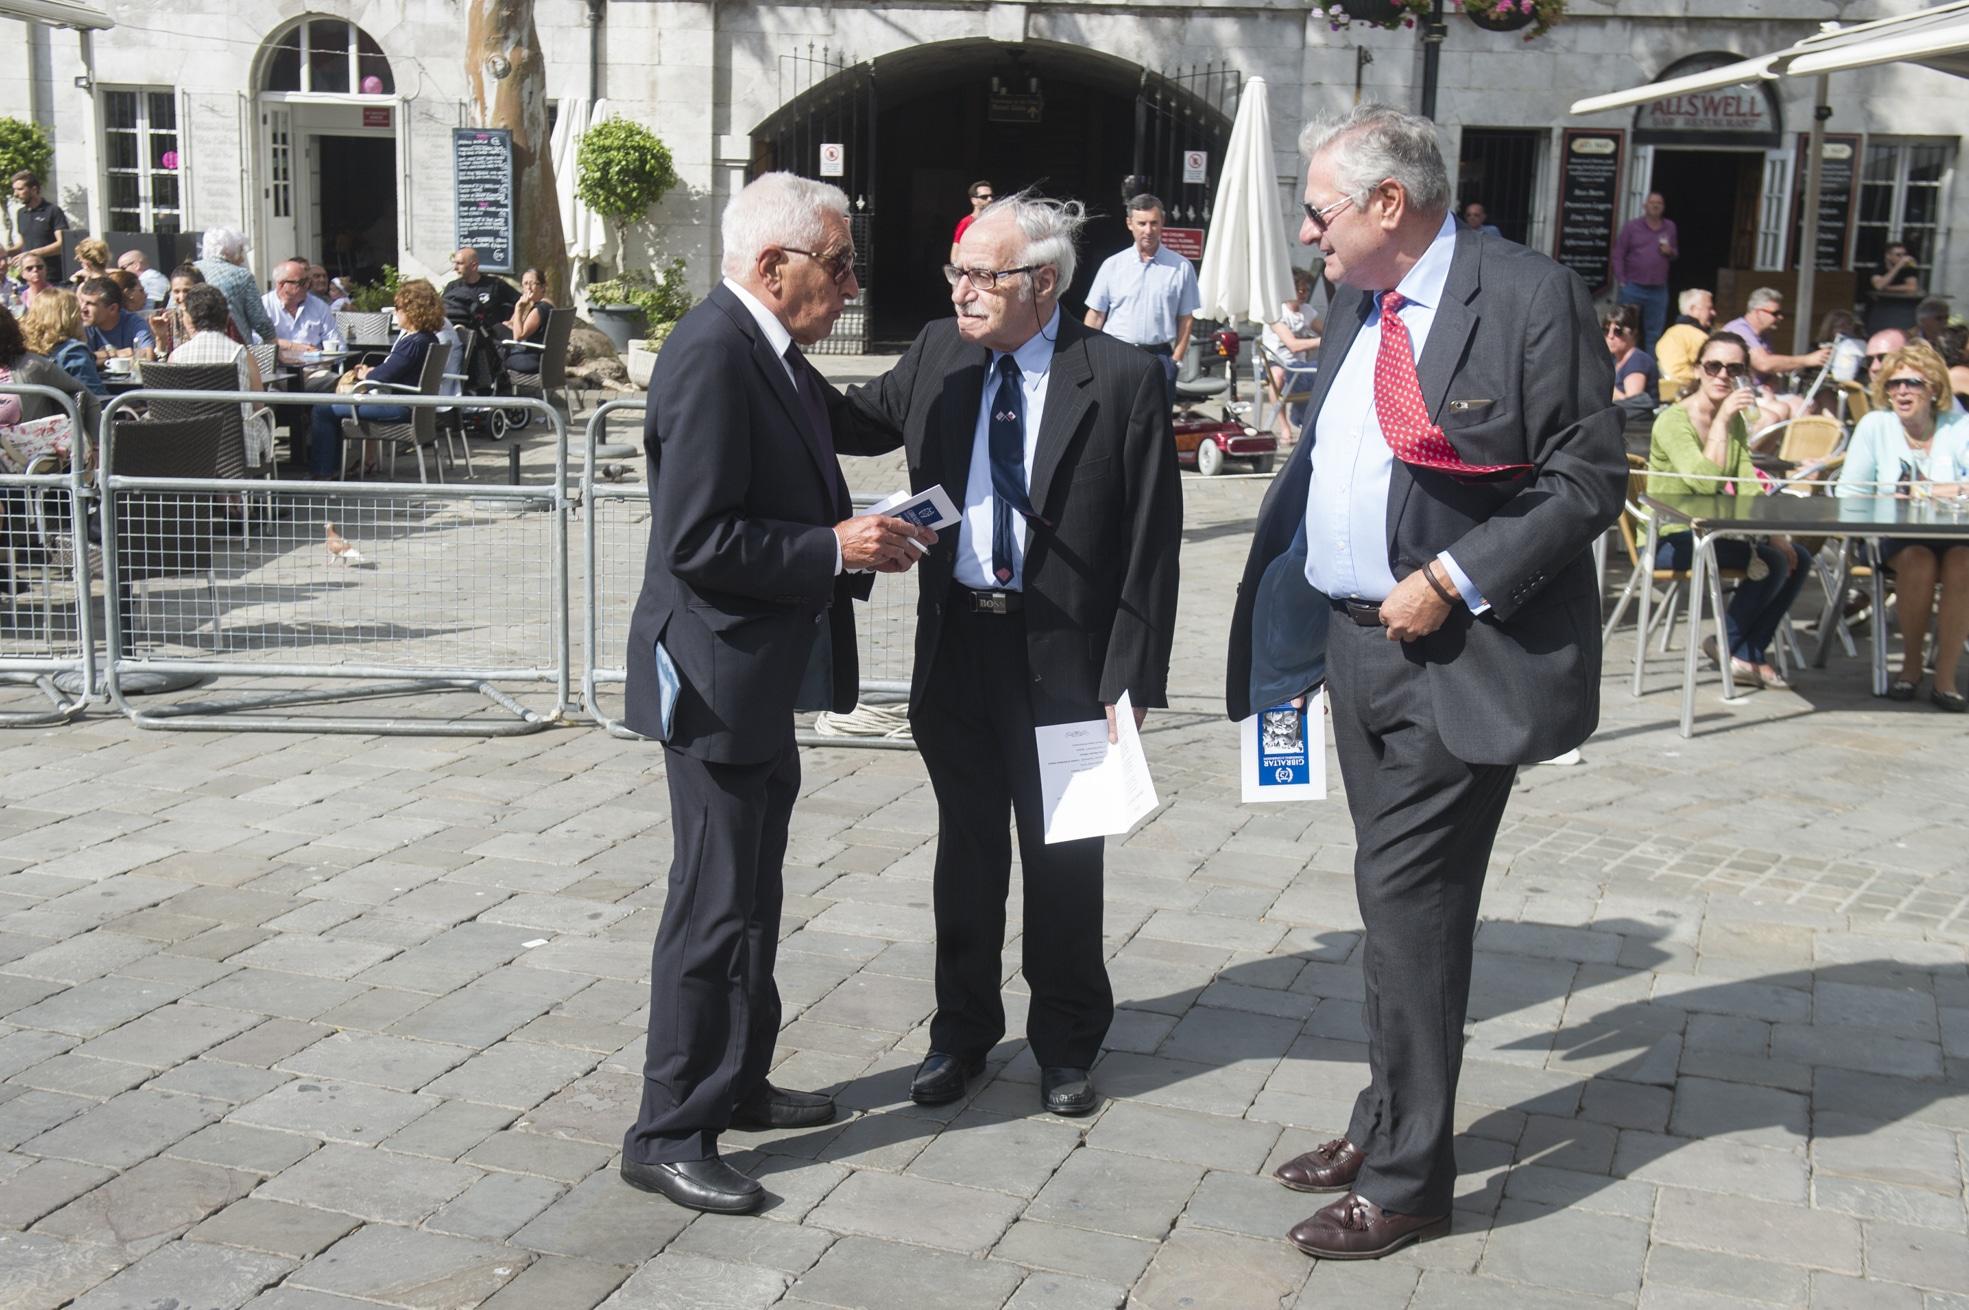 ceremonia-75-anos-evacuacion-gibraltar-22052015-02_17991991542_o